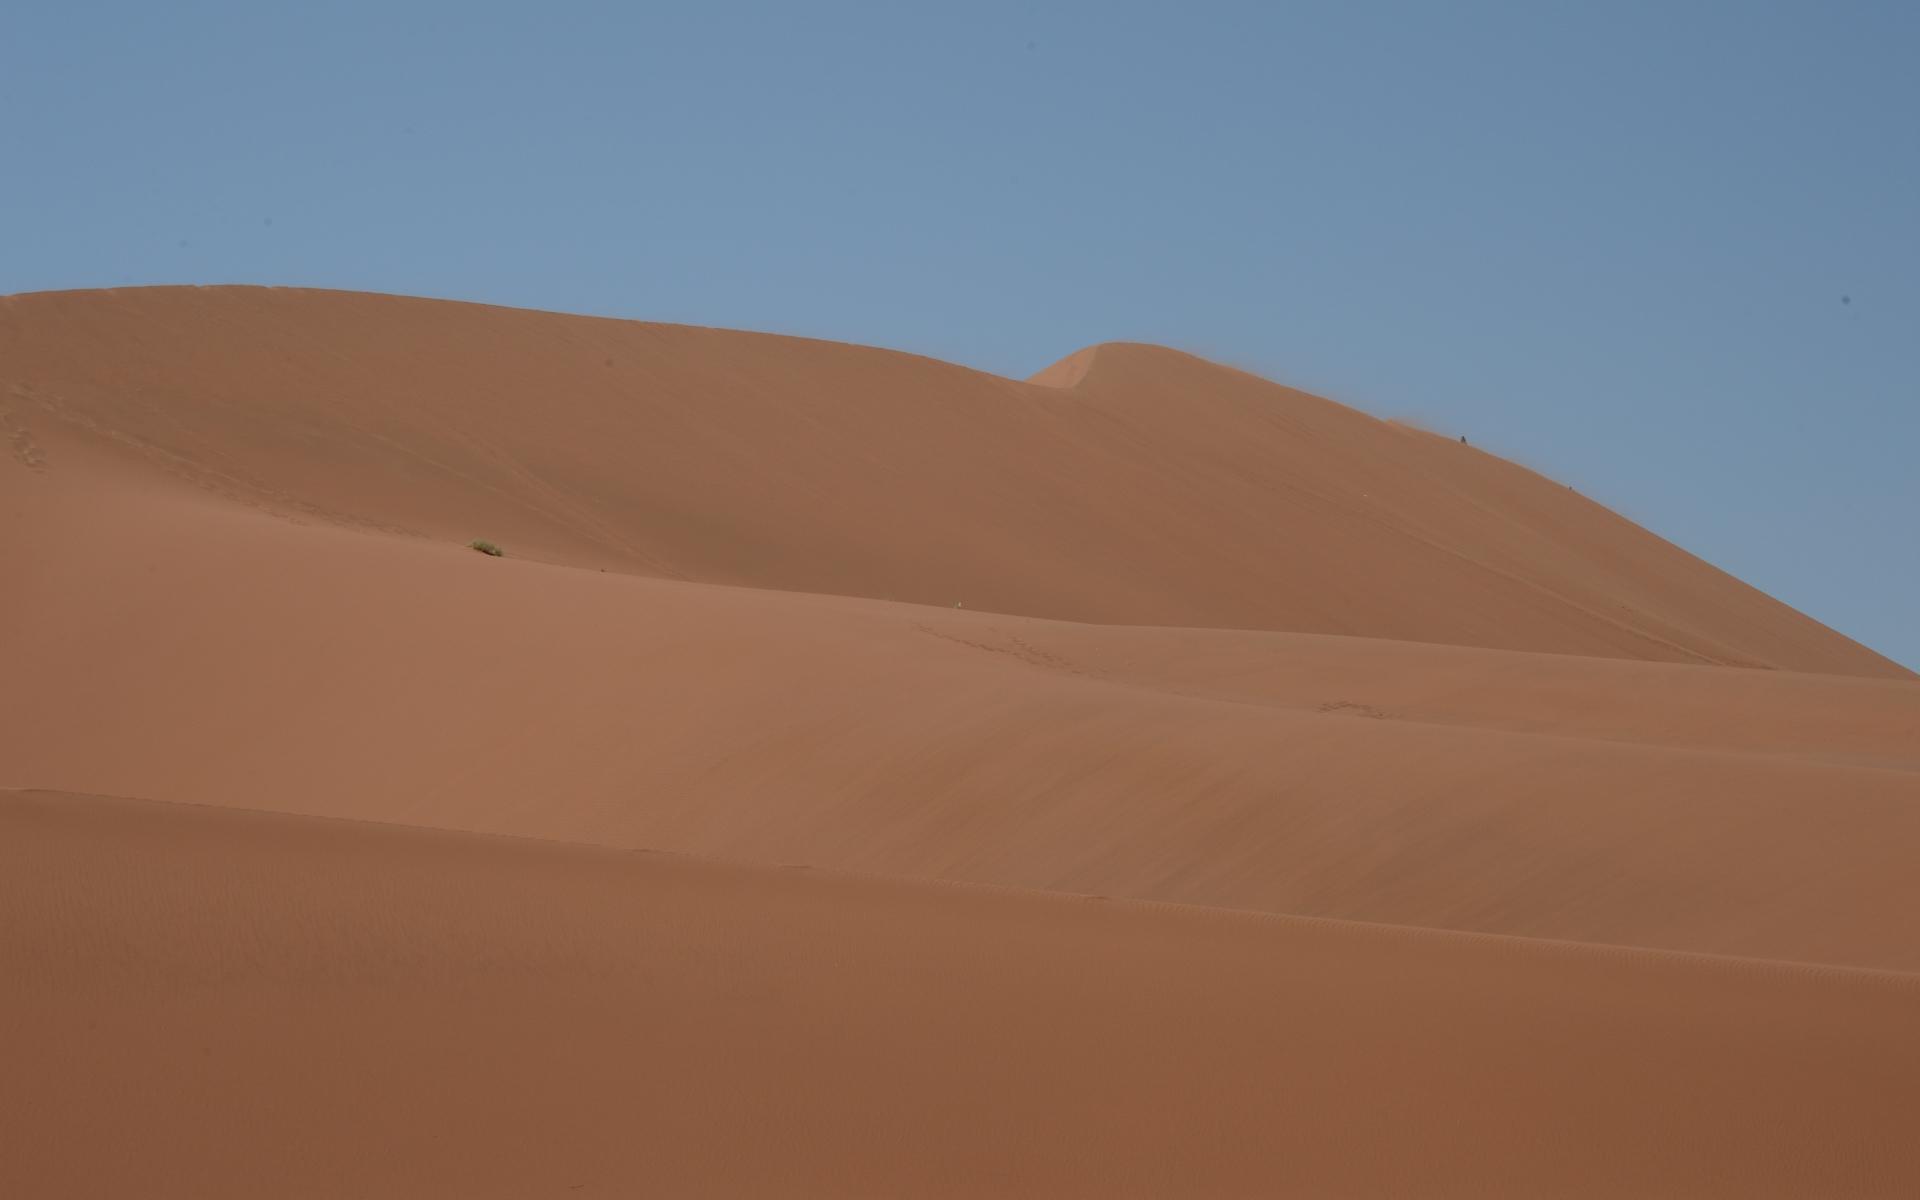 Namibia_Sossusvlei_Deadvlei_18